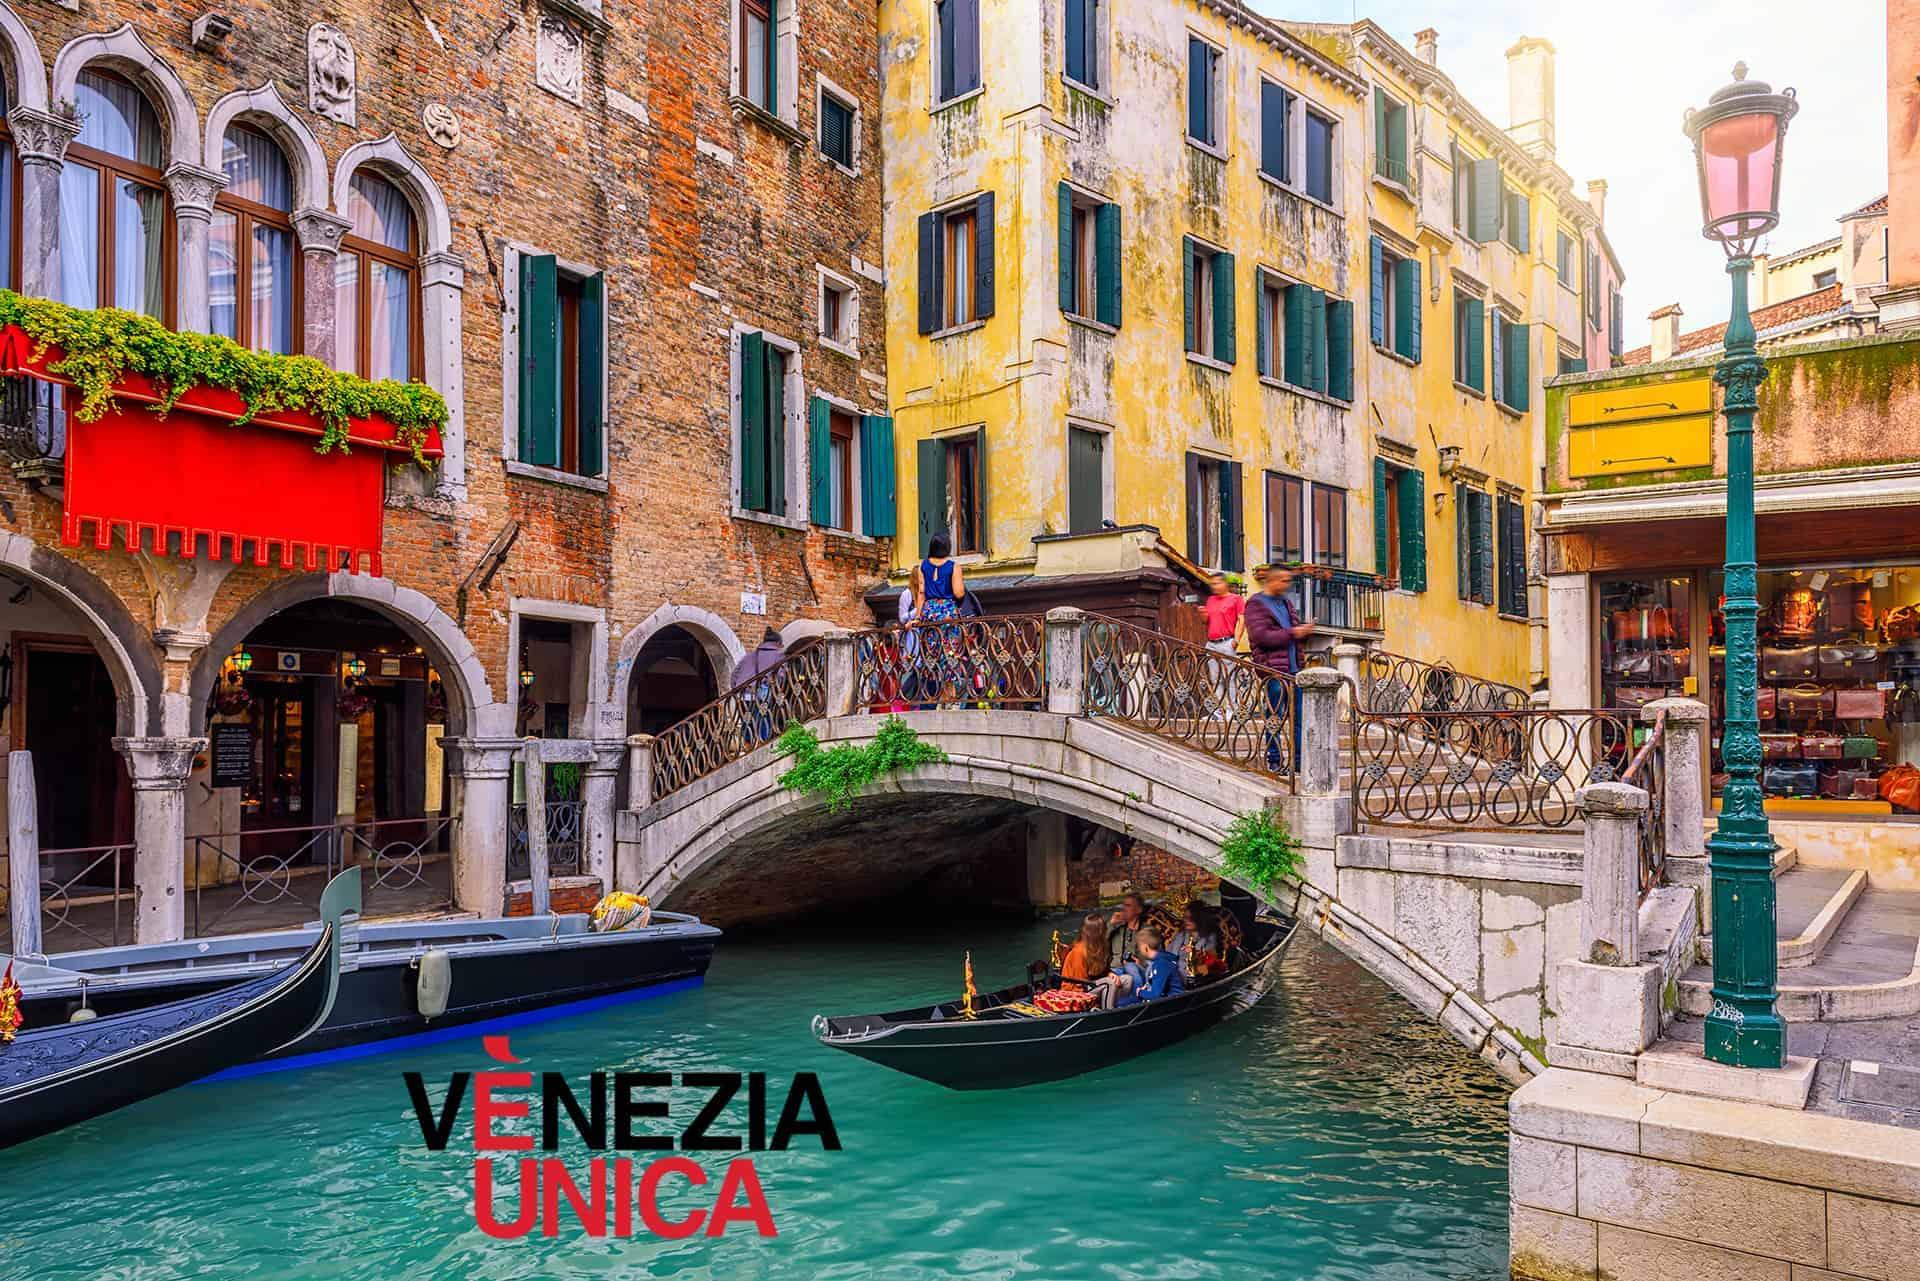 venezia unica pass